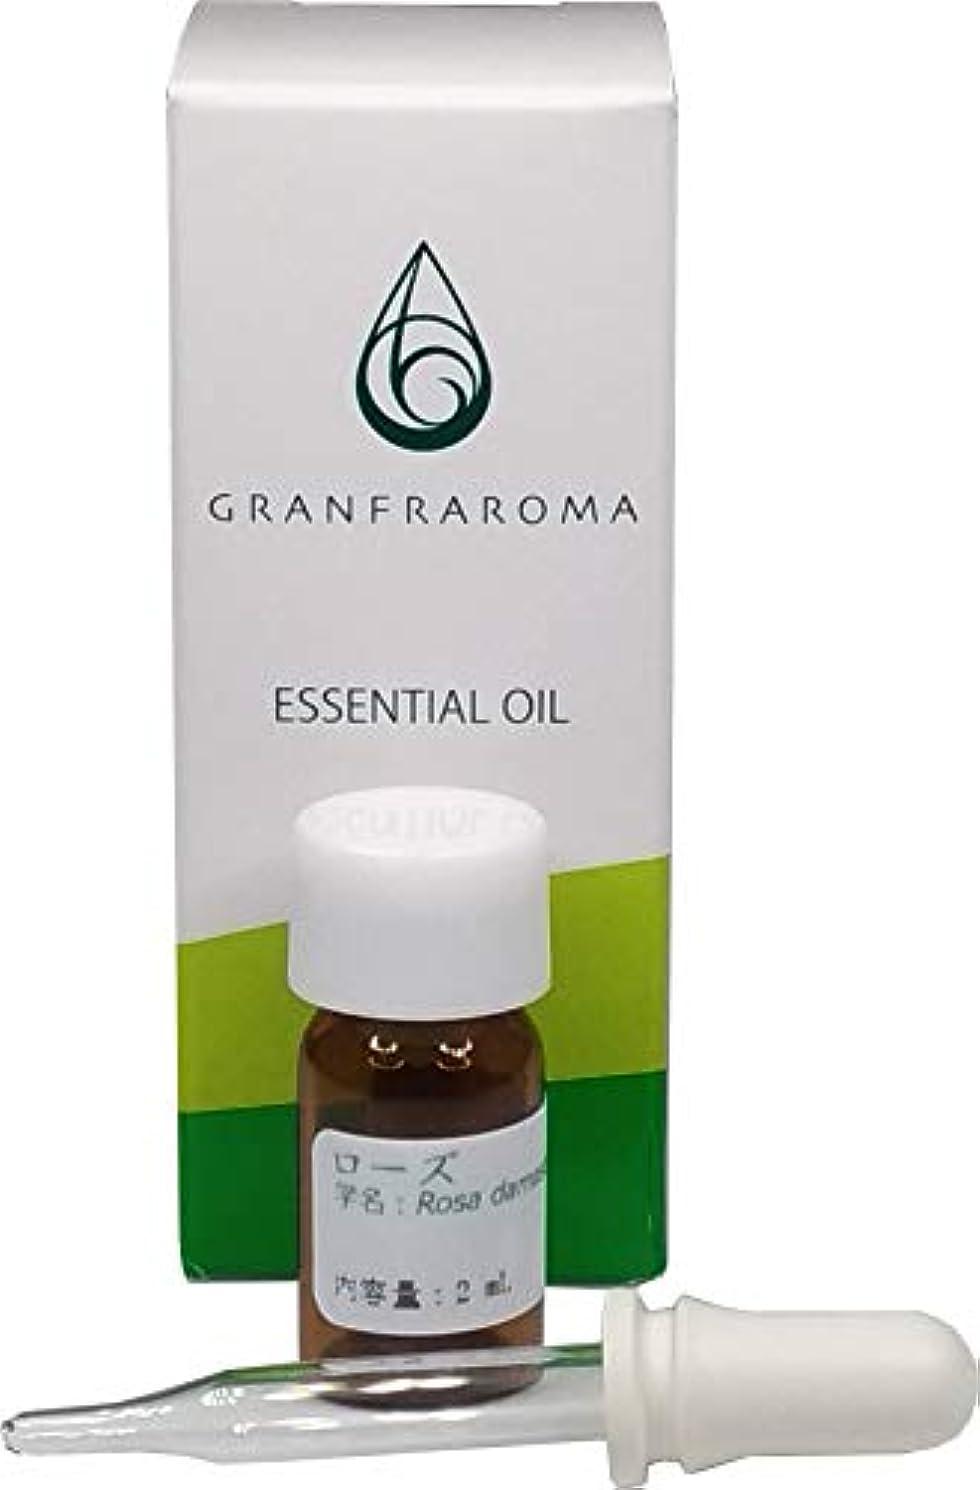 私たち自身端末見えない(グランフラローマ)GRANFRAROMA 精油 ローズ 溶剤抽出法 エッセンシャルオイル 2ml